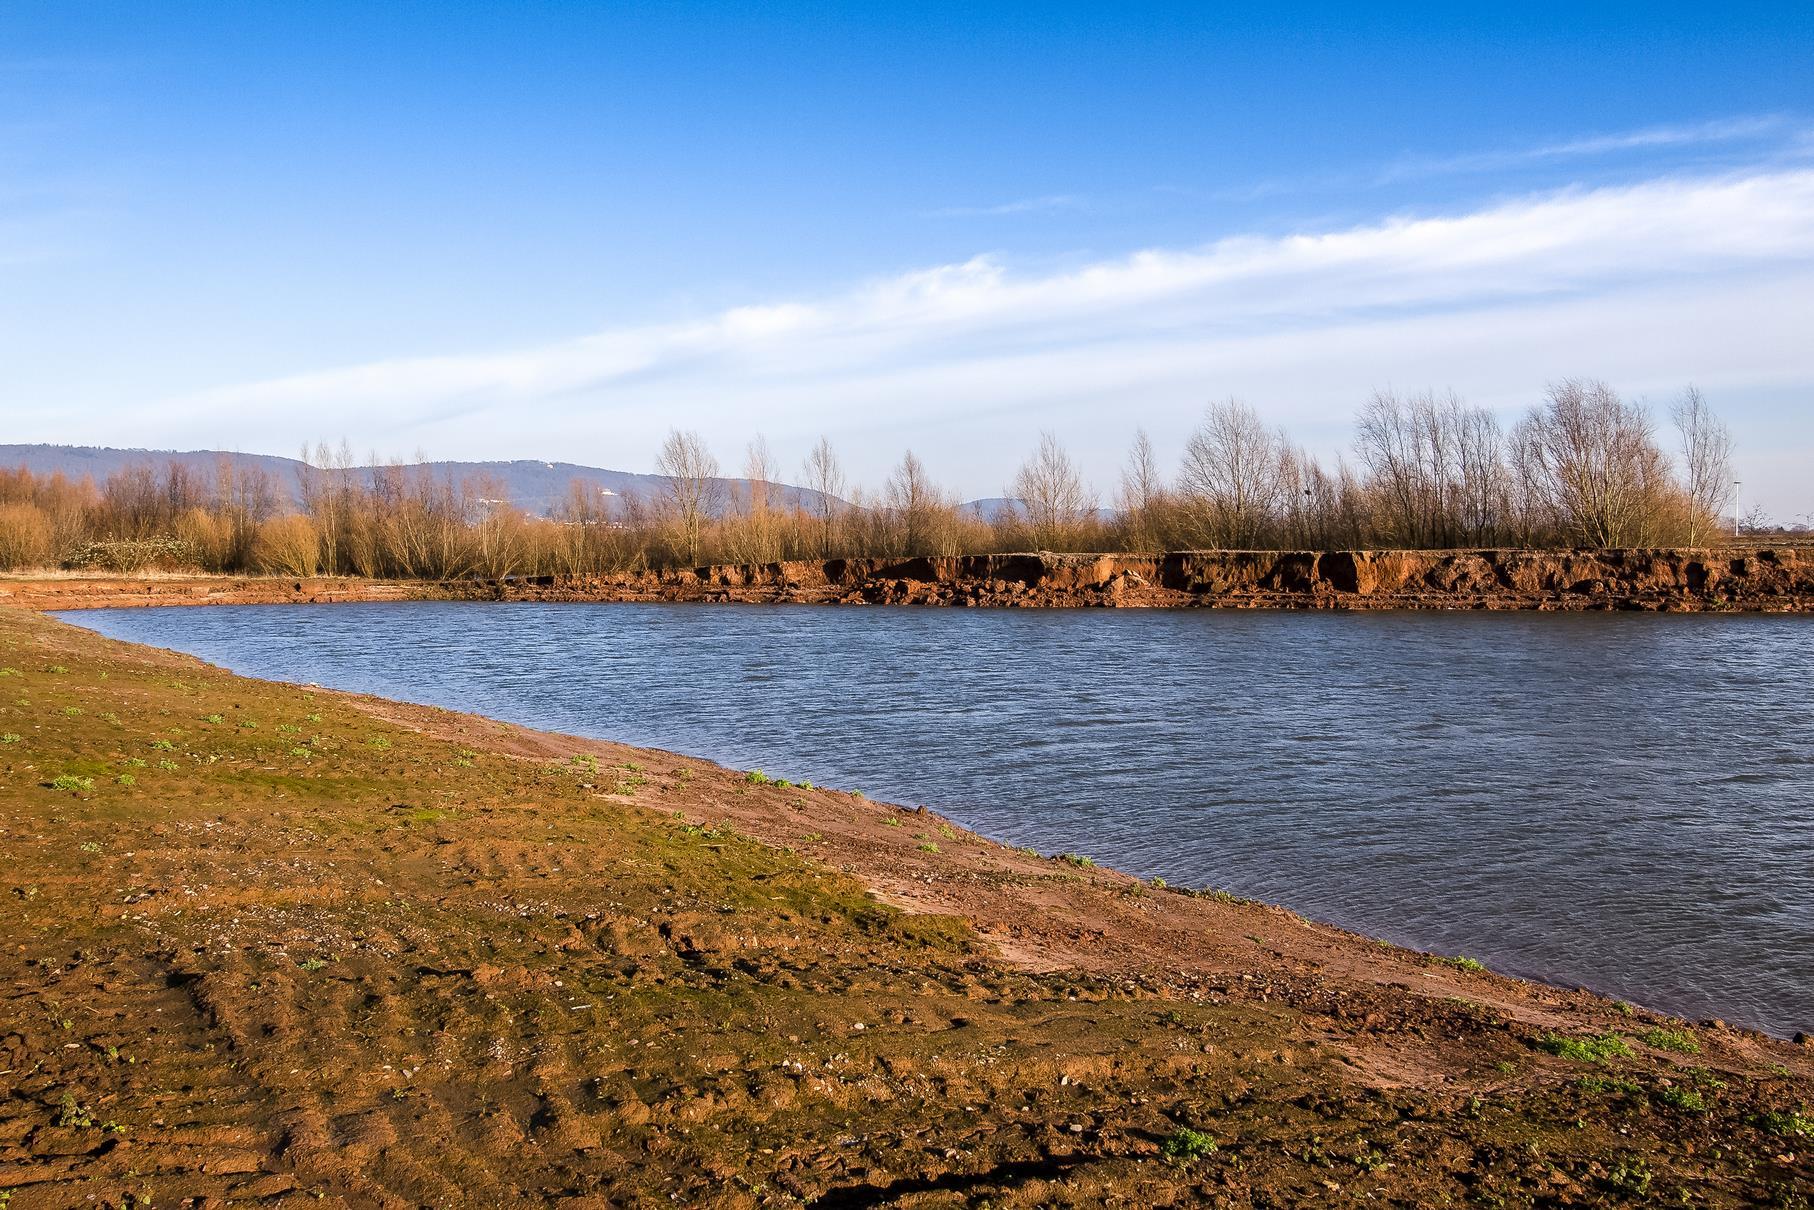 Die frisch abgebaggerten Bereiche der Auenlandschaft sind noch gut zu erkennen.